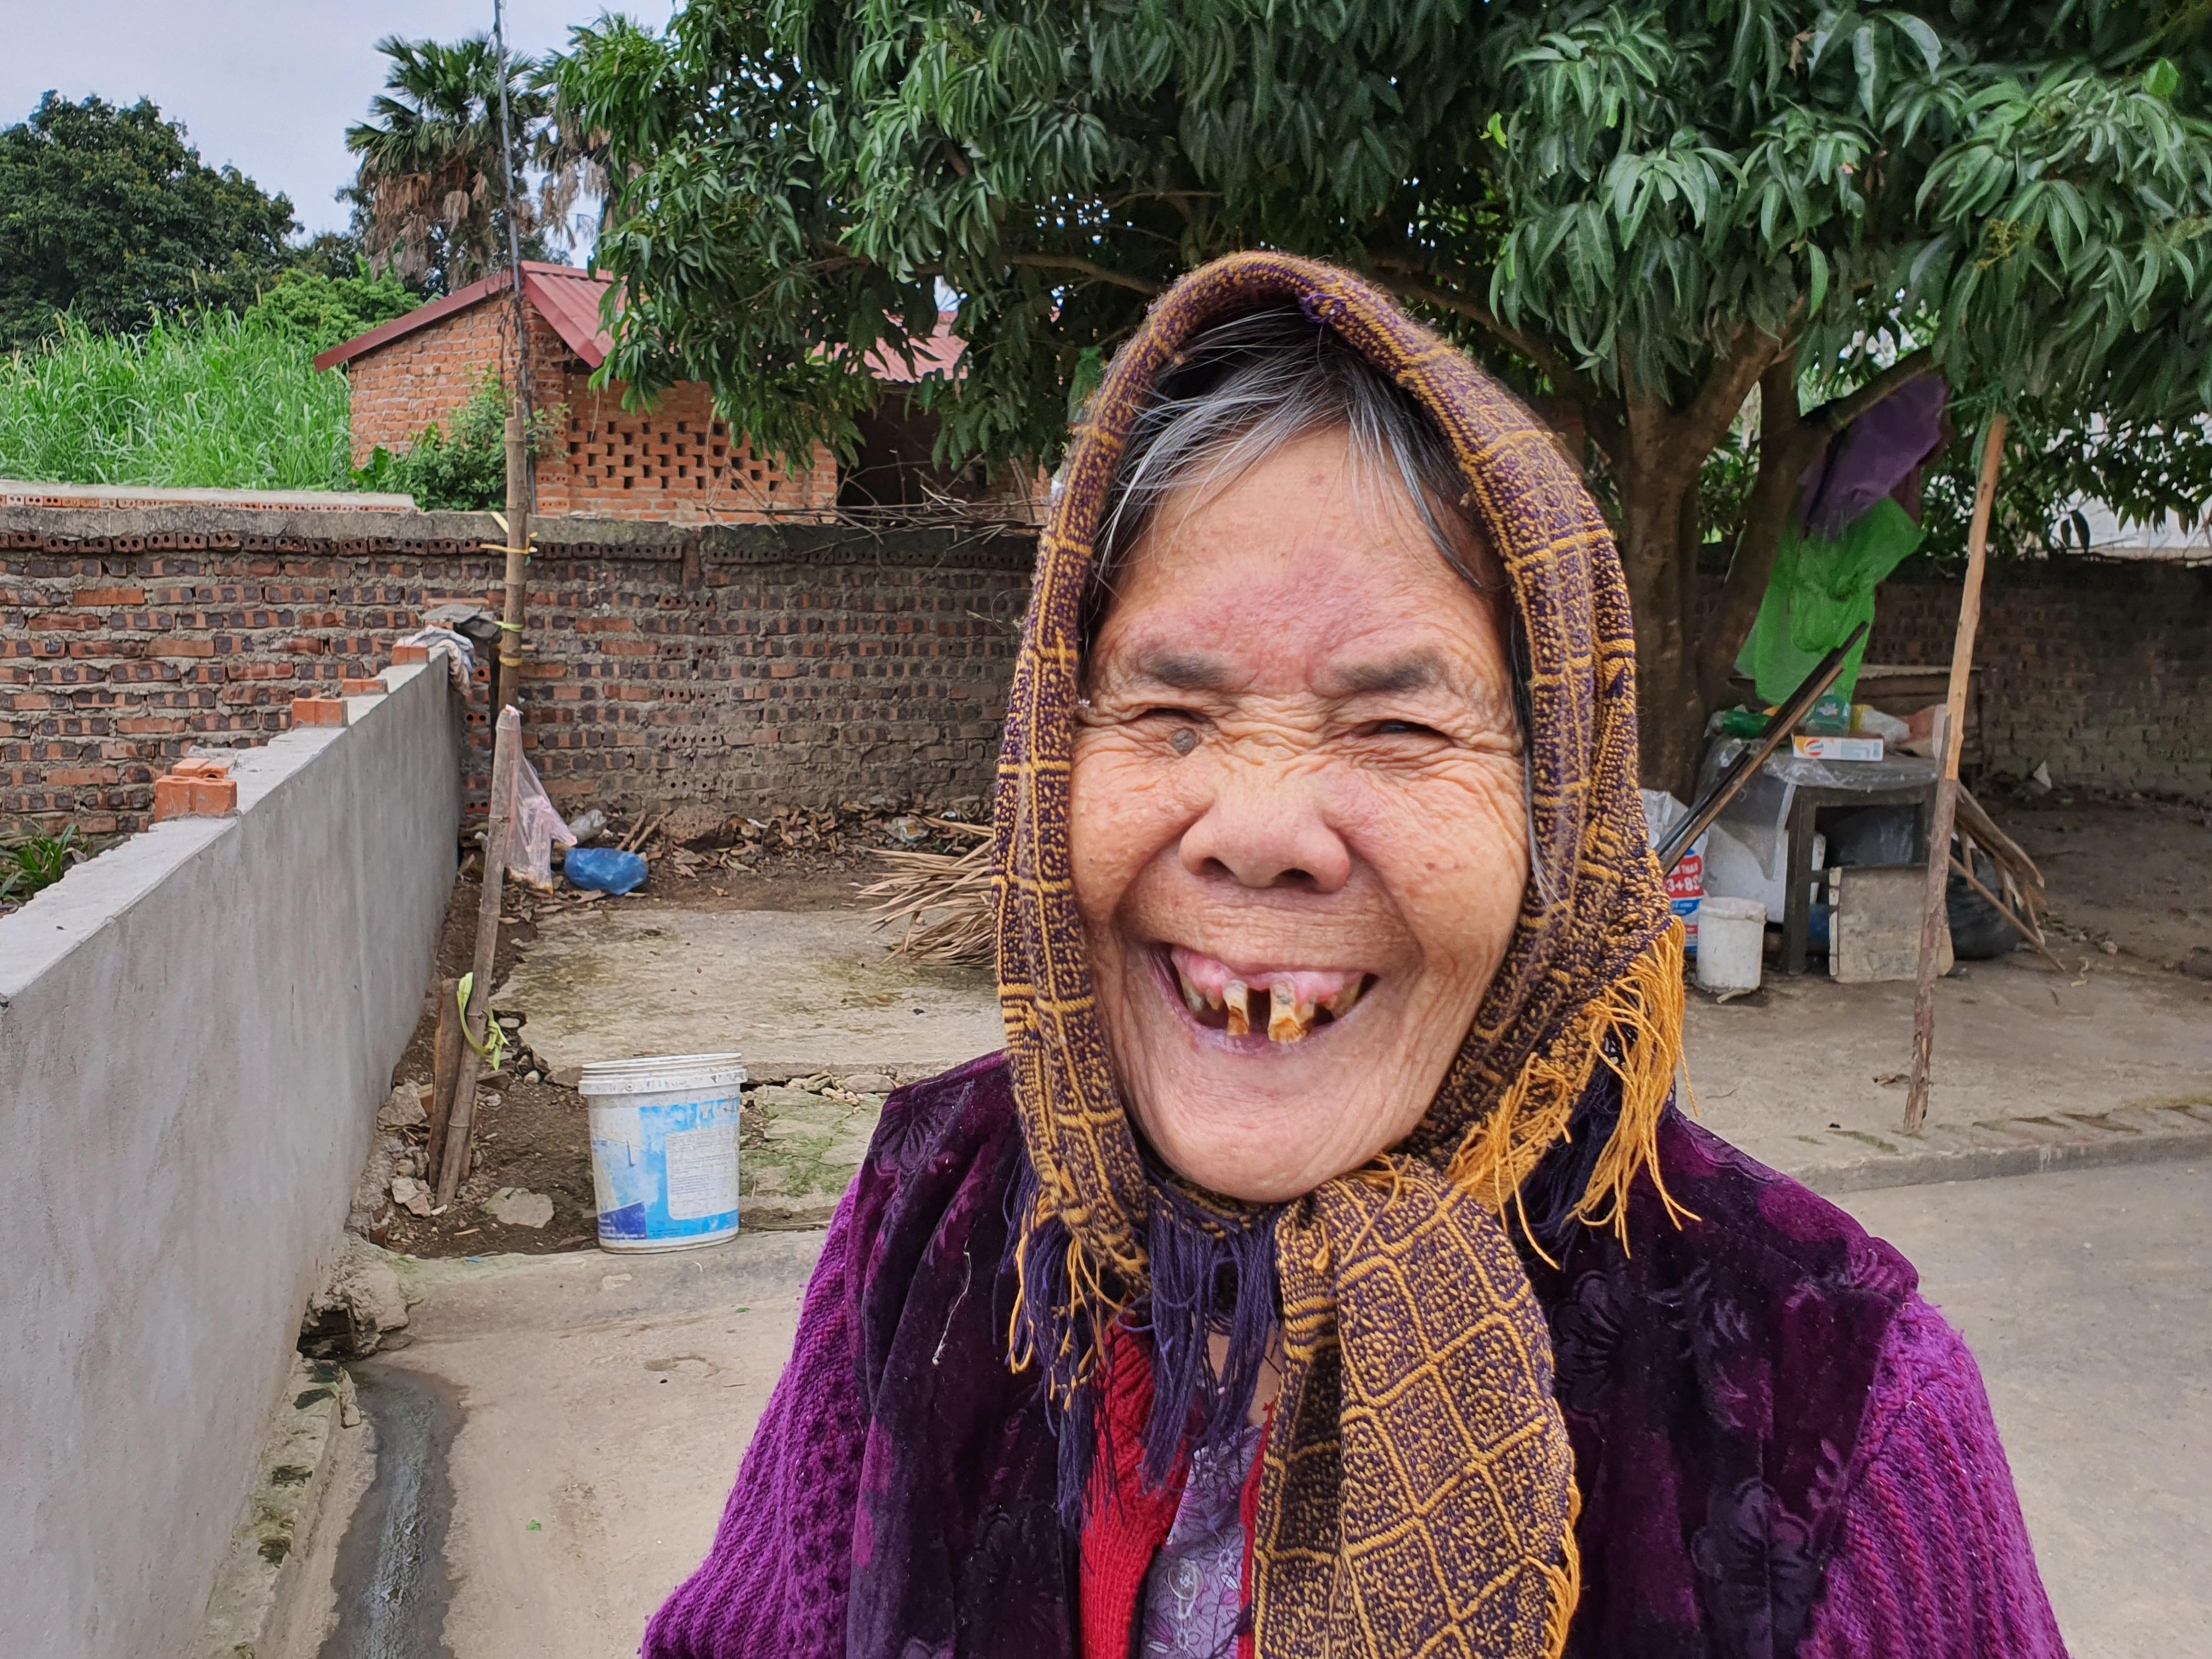 Gặp lại người đàn bà mang hàm răng kì dị suốt nửa thế kỉ - 2